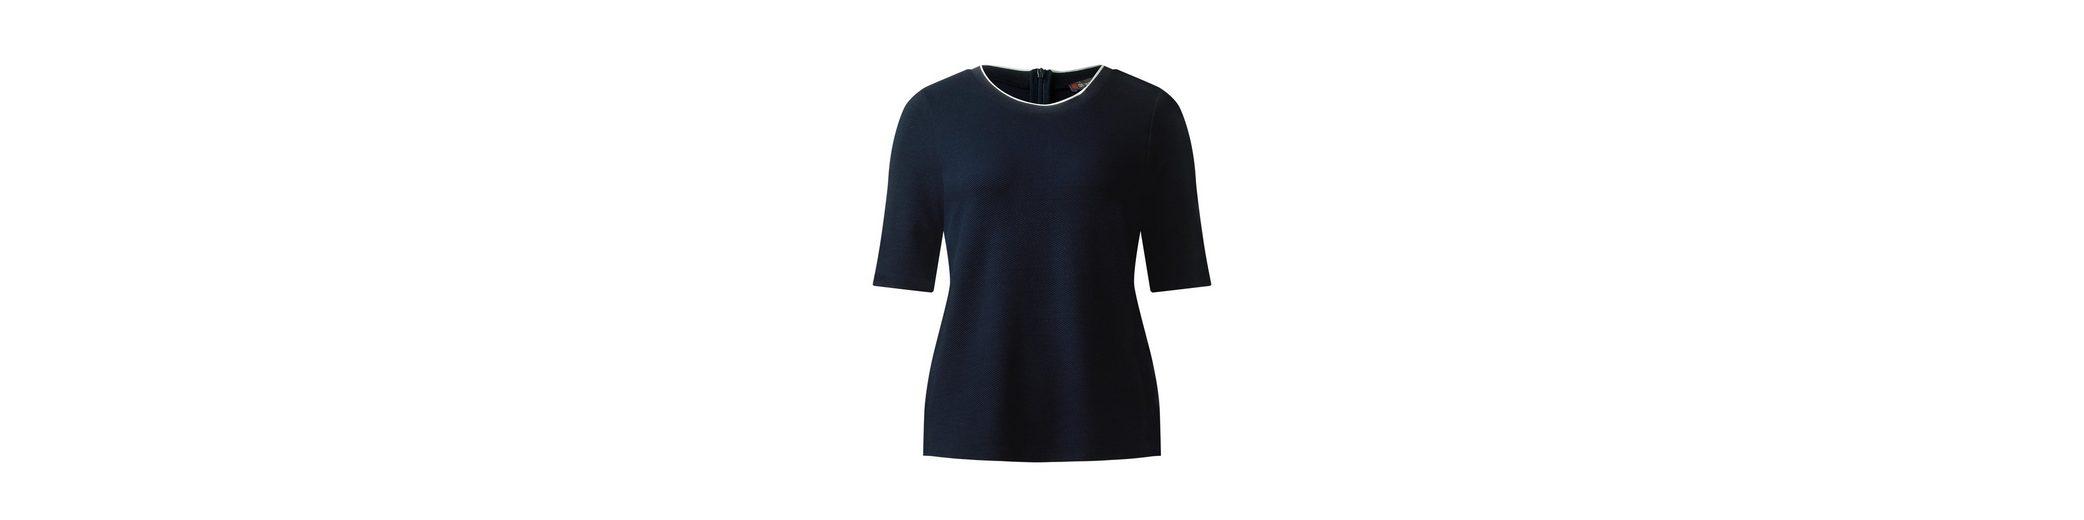 Billig Verkaufen Pick Eine Beste Street One Weiches Rippstrick Shirt Auslass Verkauf Online Rabatt Kaufen Billig Bester Großhandel Steckdose Neue Stile DI0Gsy